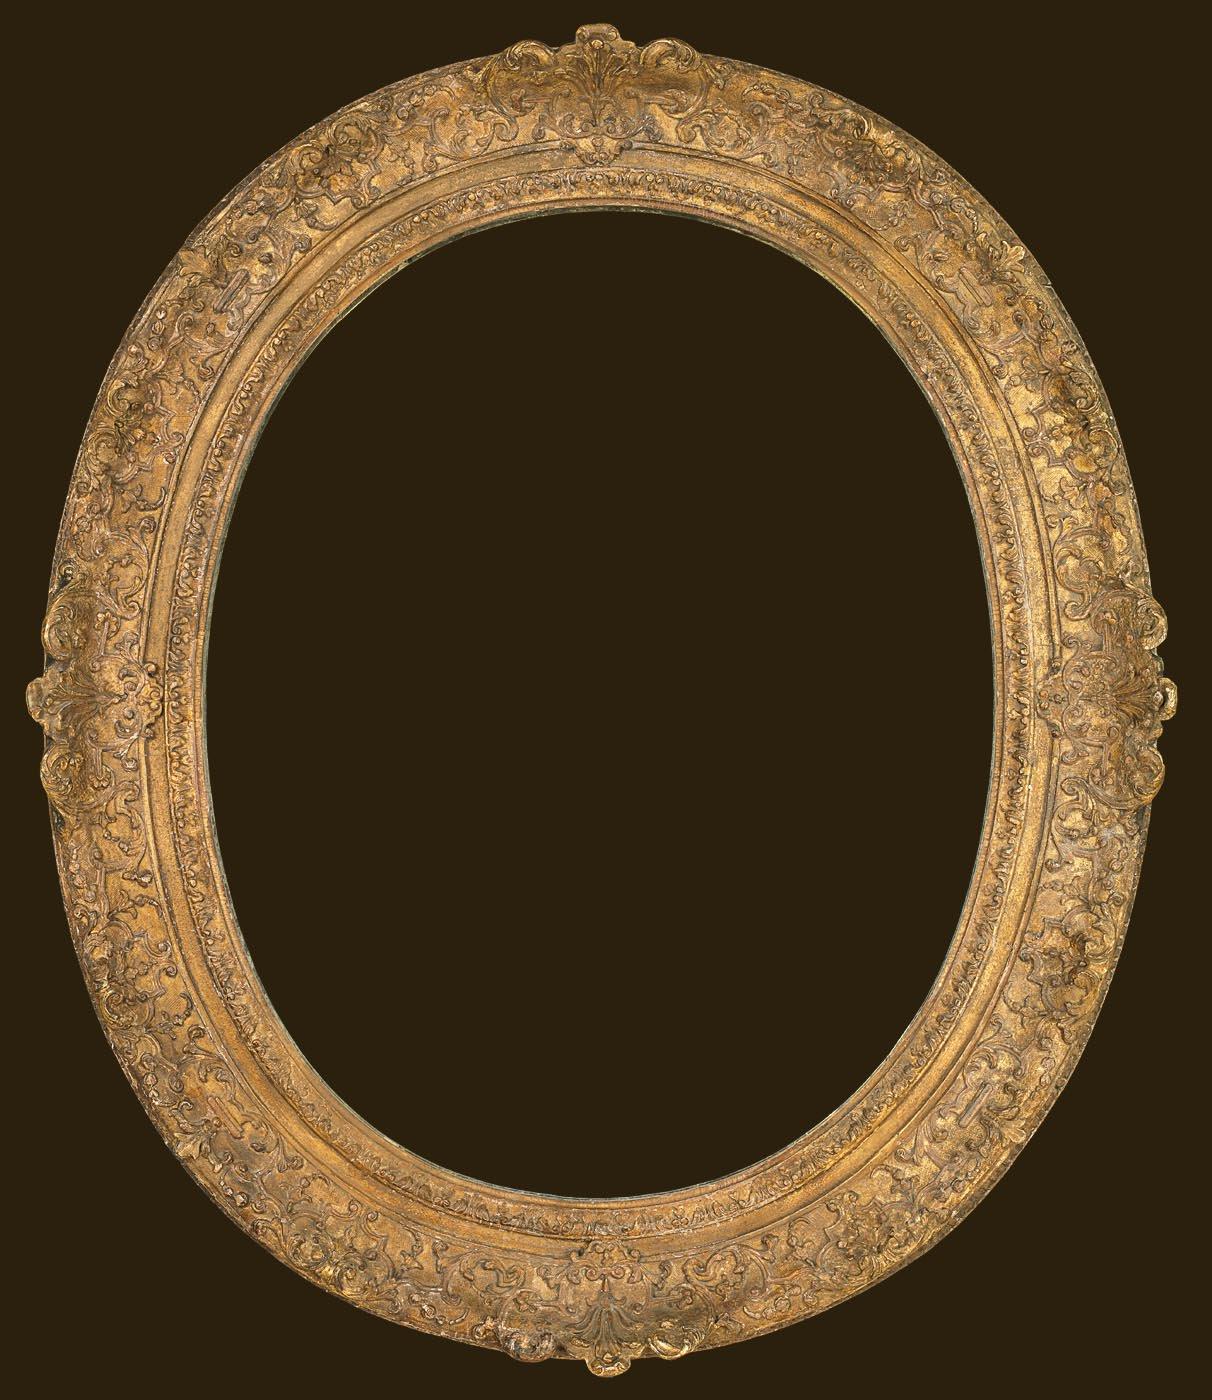 10 Louis XIV oval frame 36 x 29 ins Diego Salazar